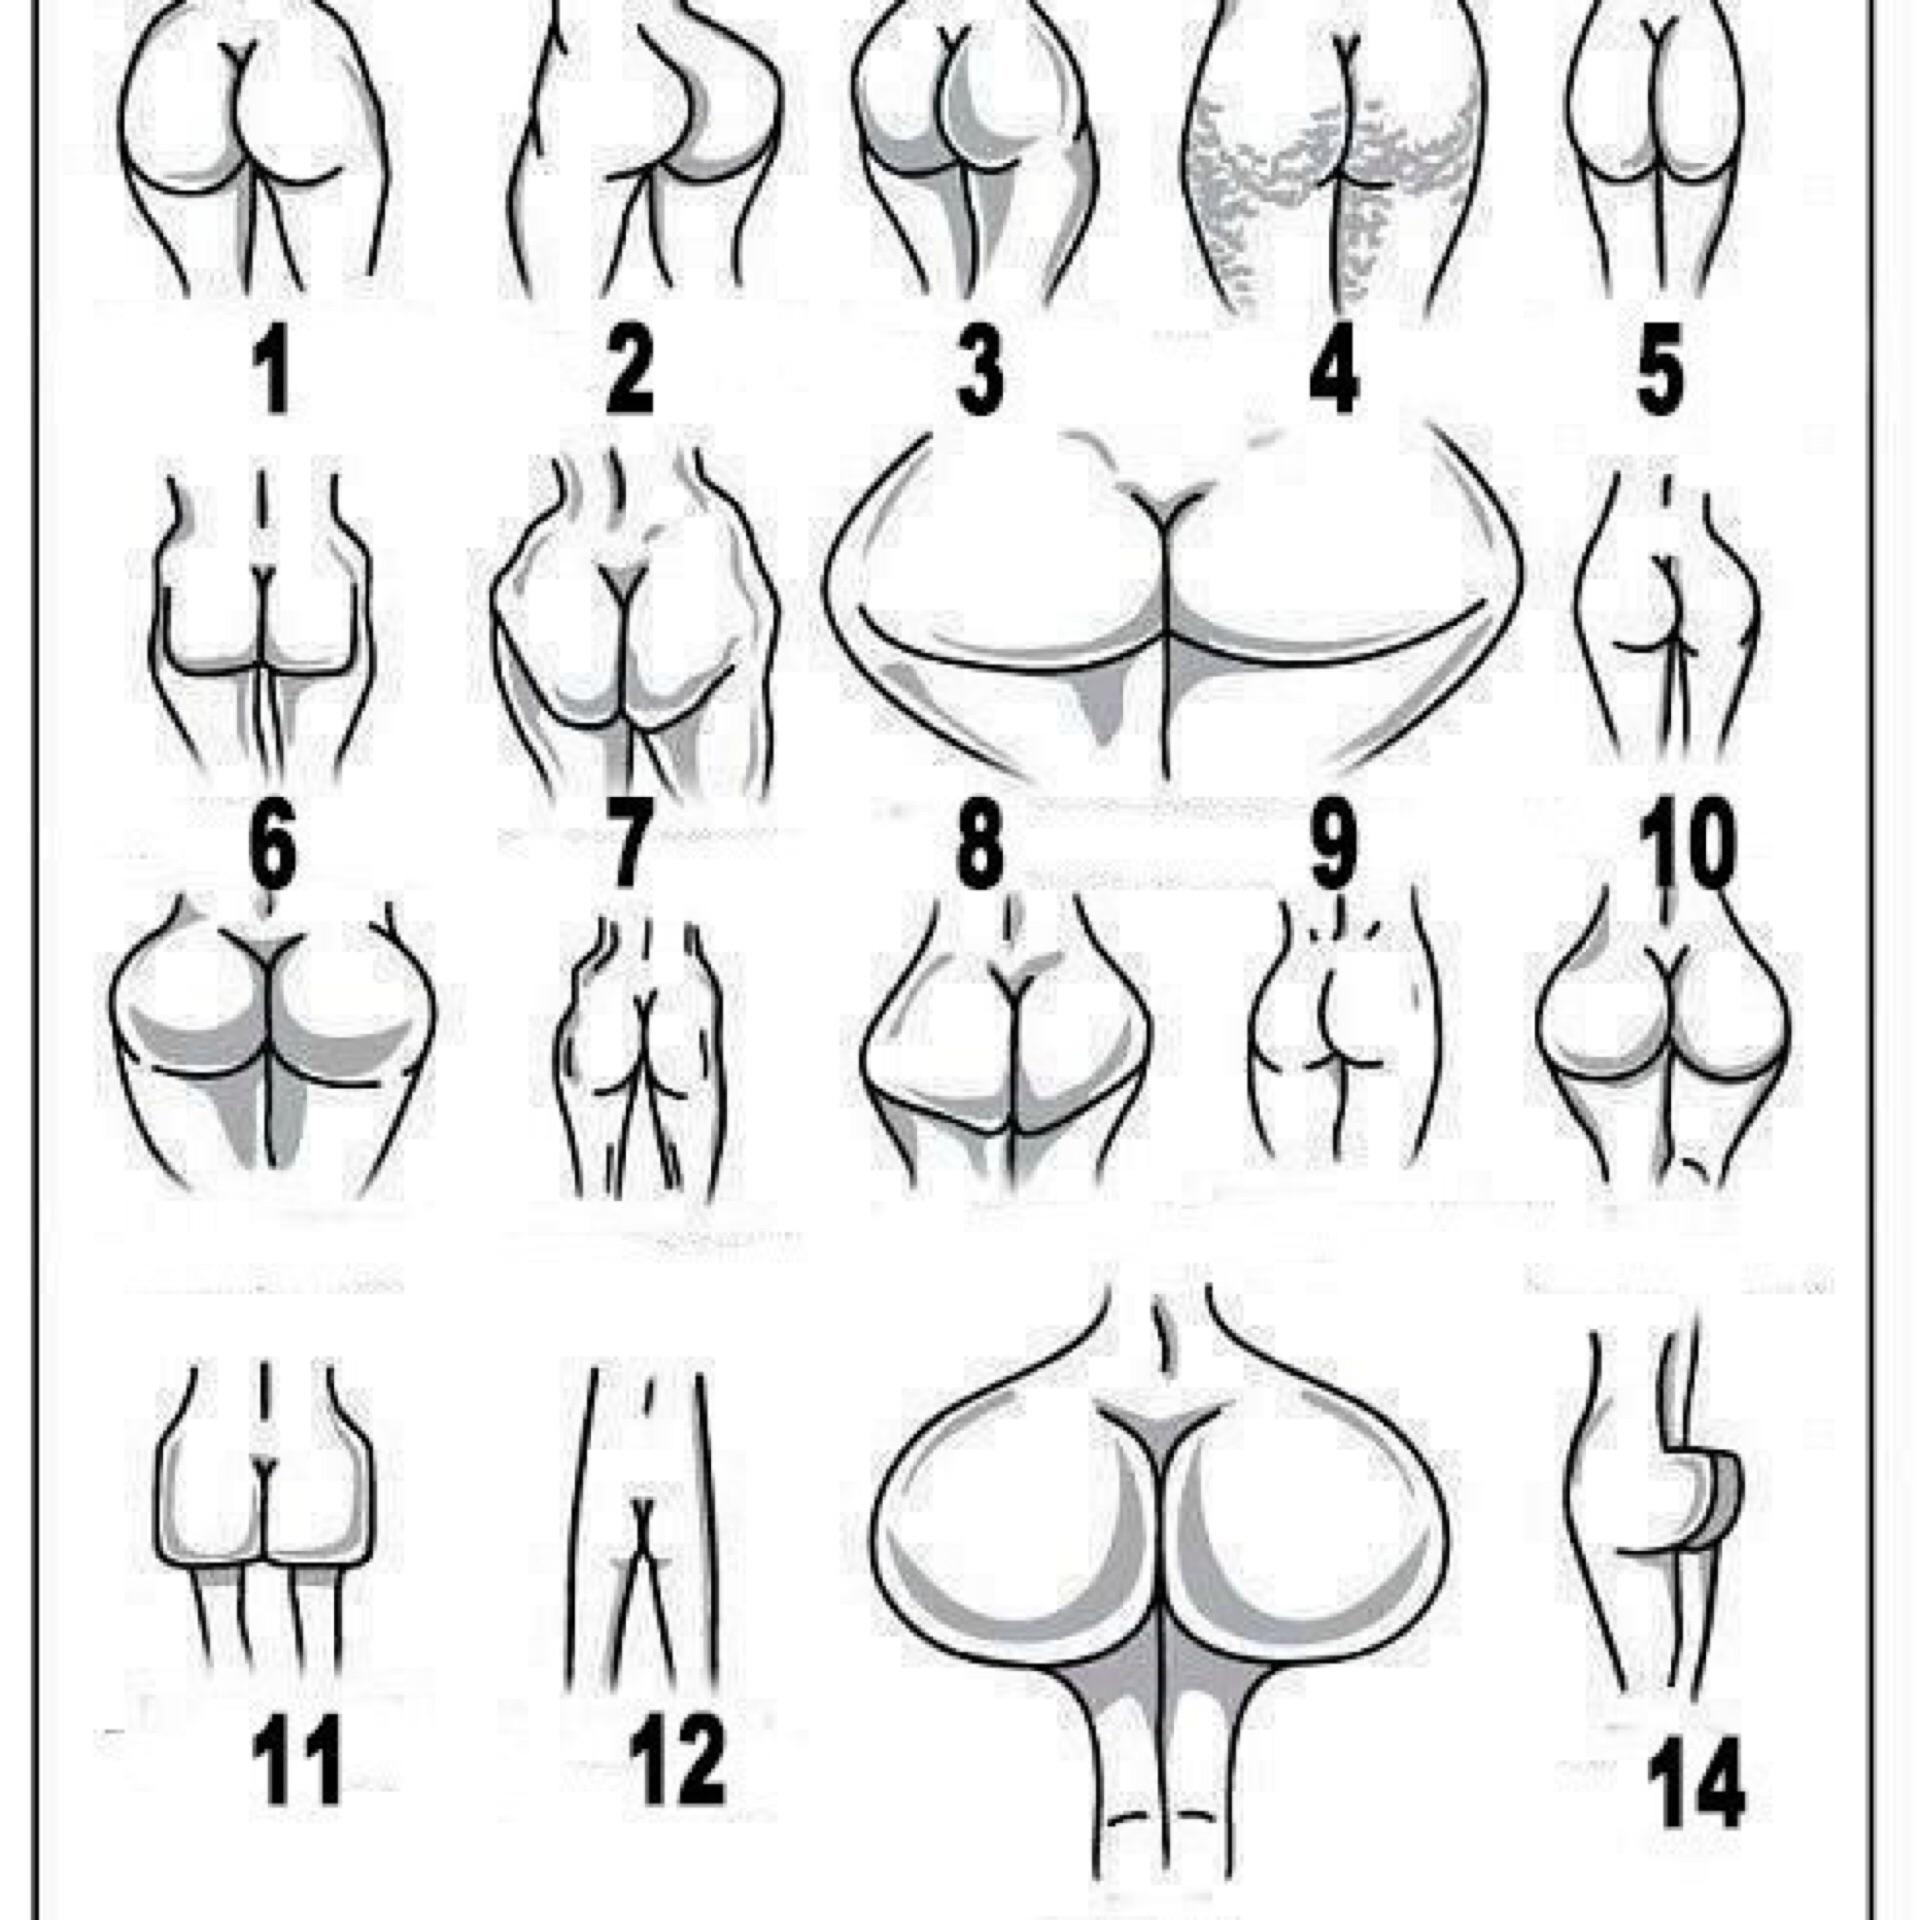 Красивые разновидности форм попок порно пожилых